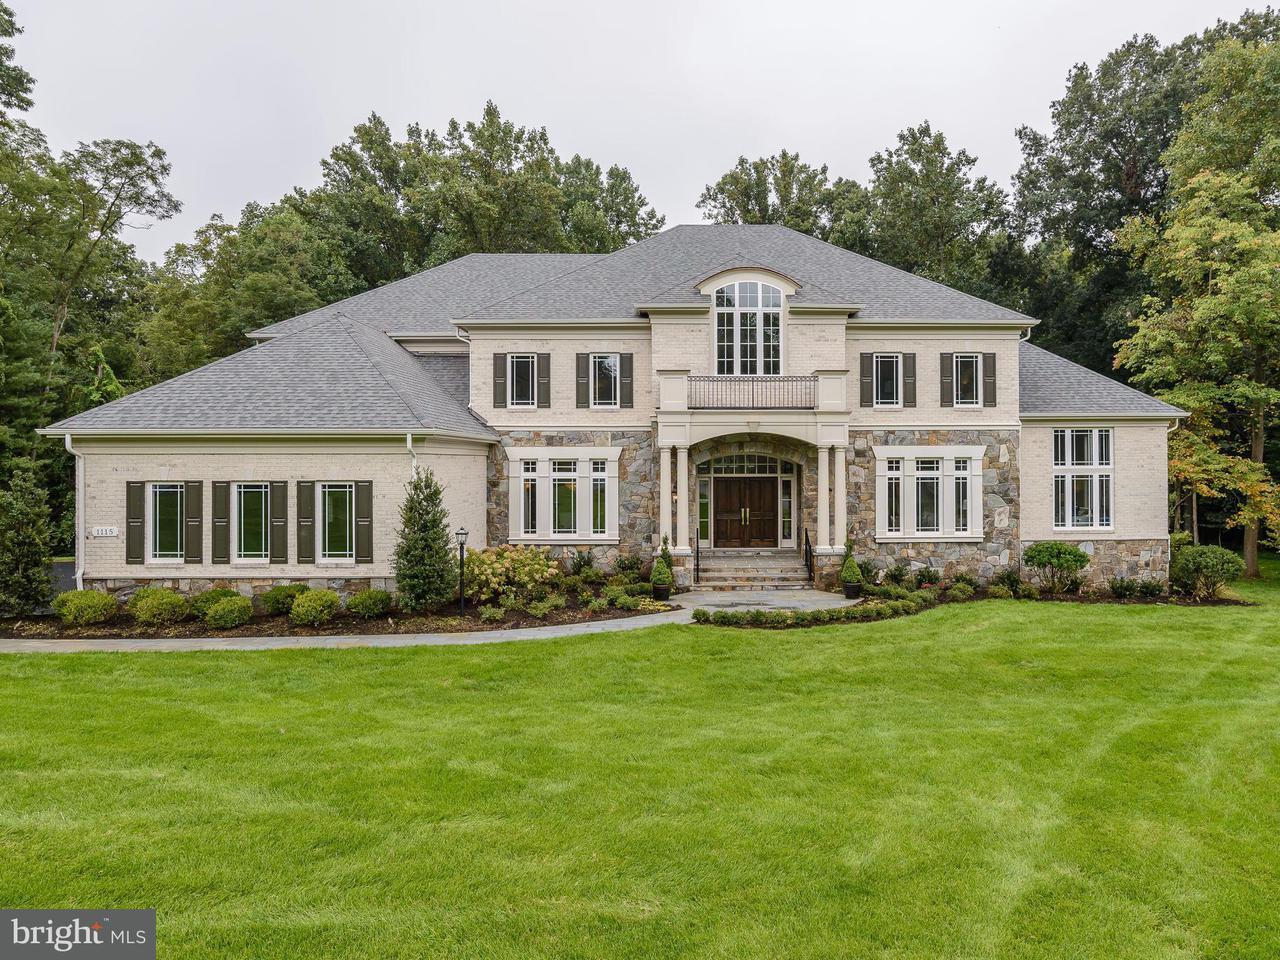 Einfamilienhaus für Verkauf beim HARLEY ROAD HOMESITE 4 HARLEY ROAD HOMESITE 4 Lorton, Virginia 22079 Vereinigte Staaten